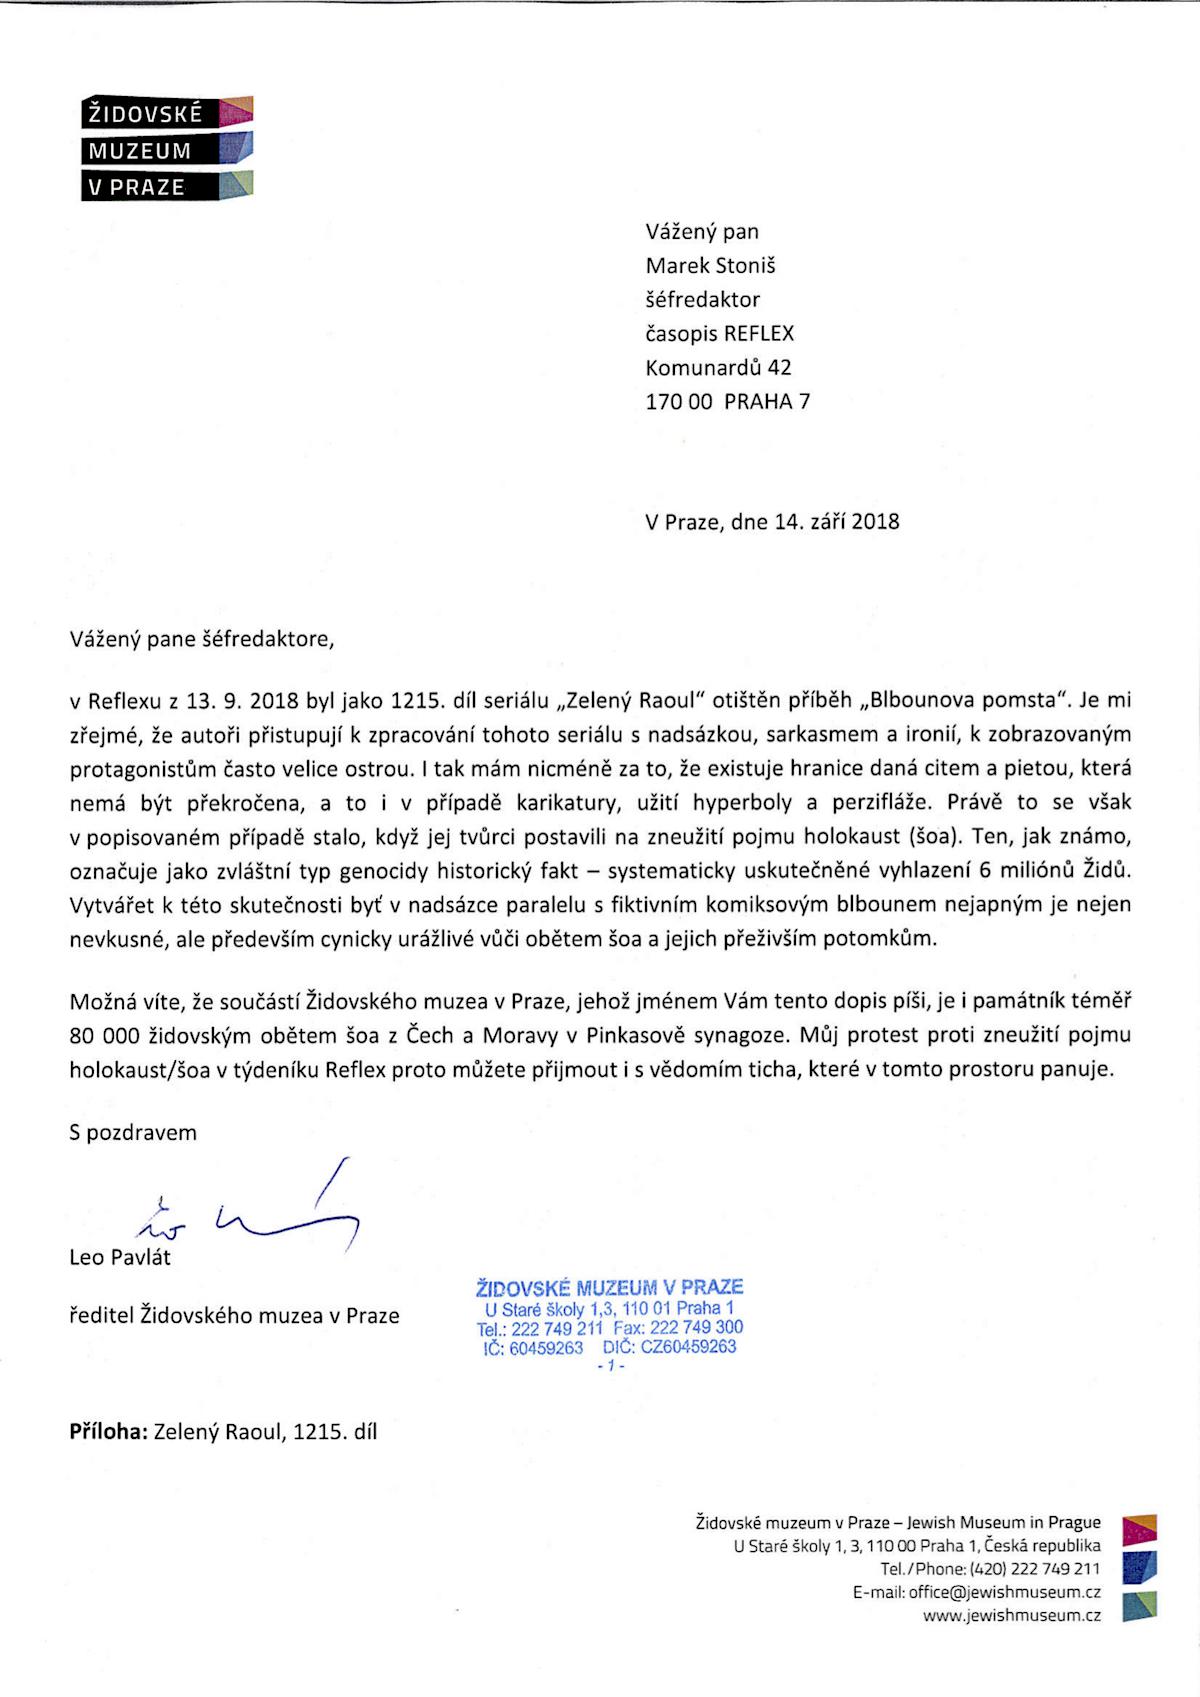 Leo Pavlát píše Marku Stonišovi. Repro: Židovské muzeum v Praze